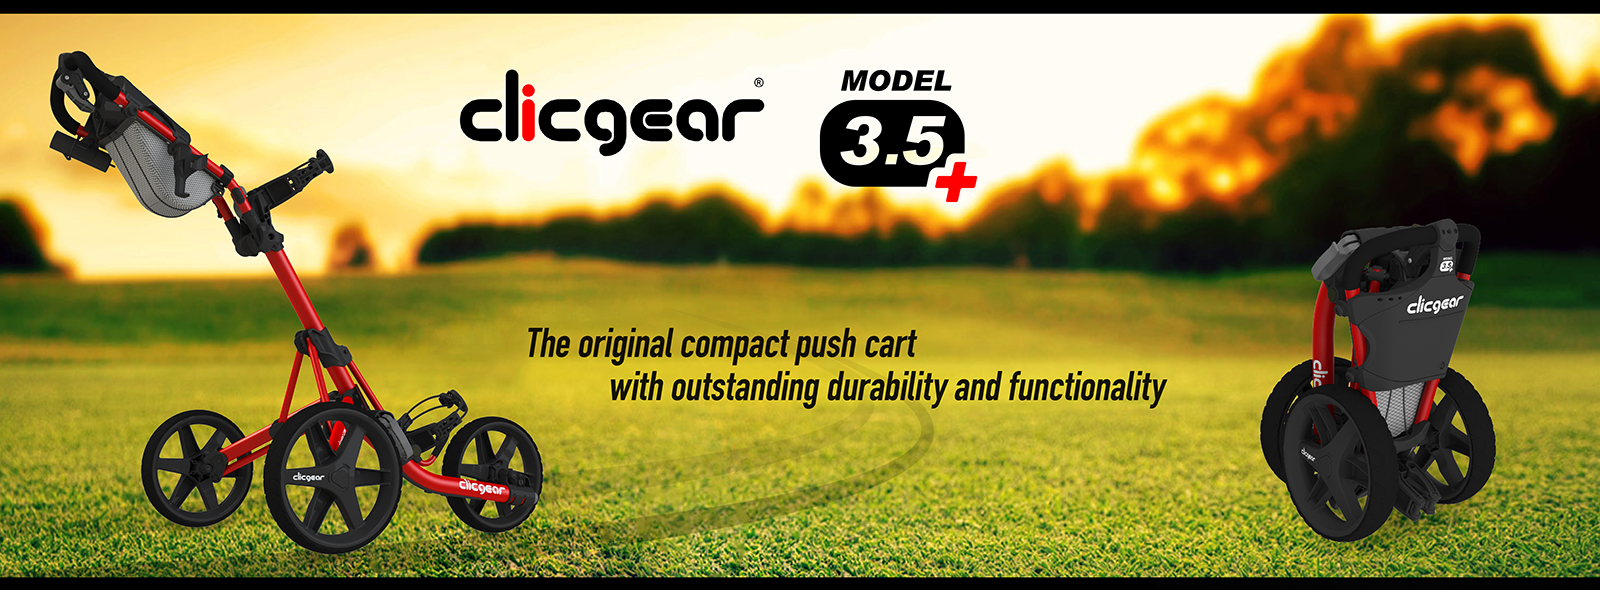 Clicgear Model 3.5+ Golf Cart Review